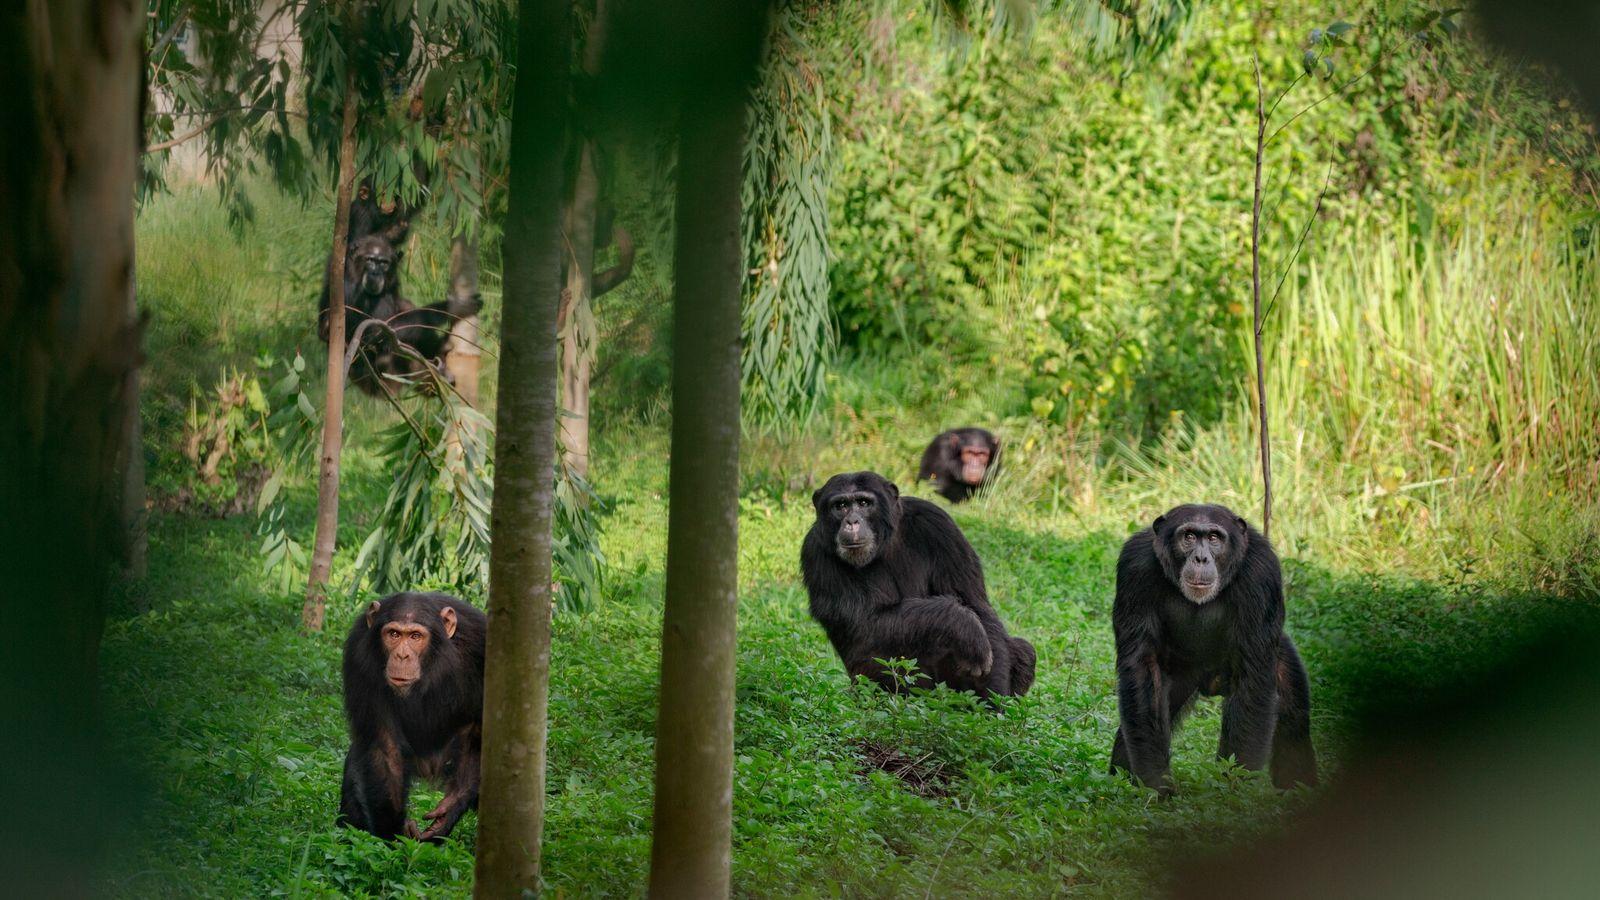 Eine Gruppe von Schimpansen in Uganda. Manche Anführer von Schimpansengruppen regieren mit eiserner Faust, während andere ...